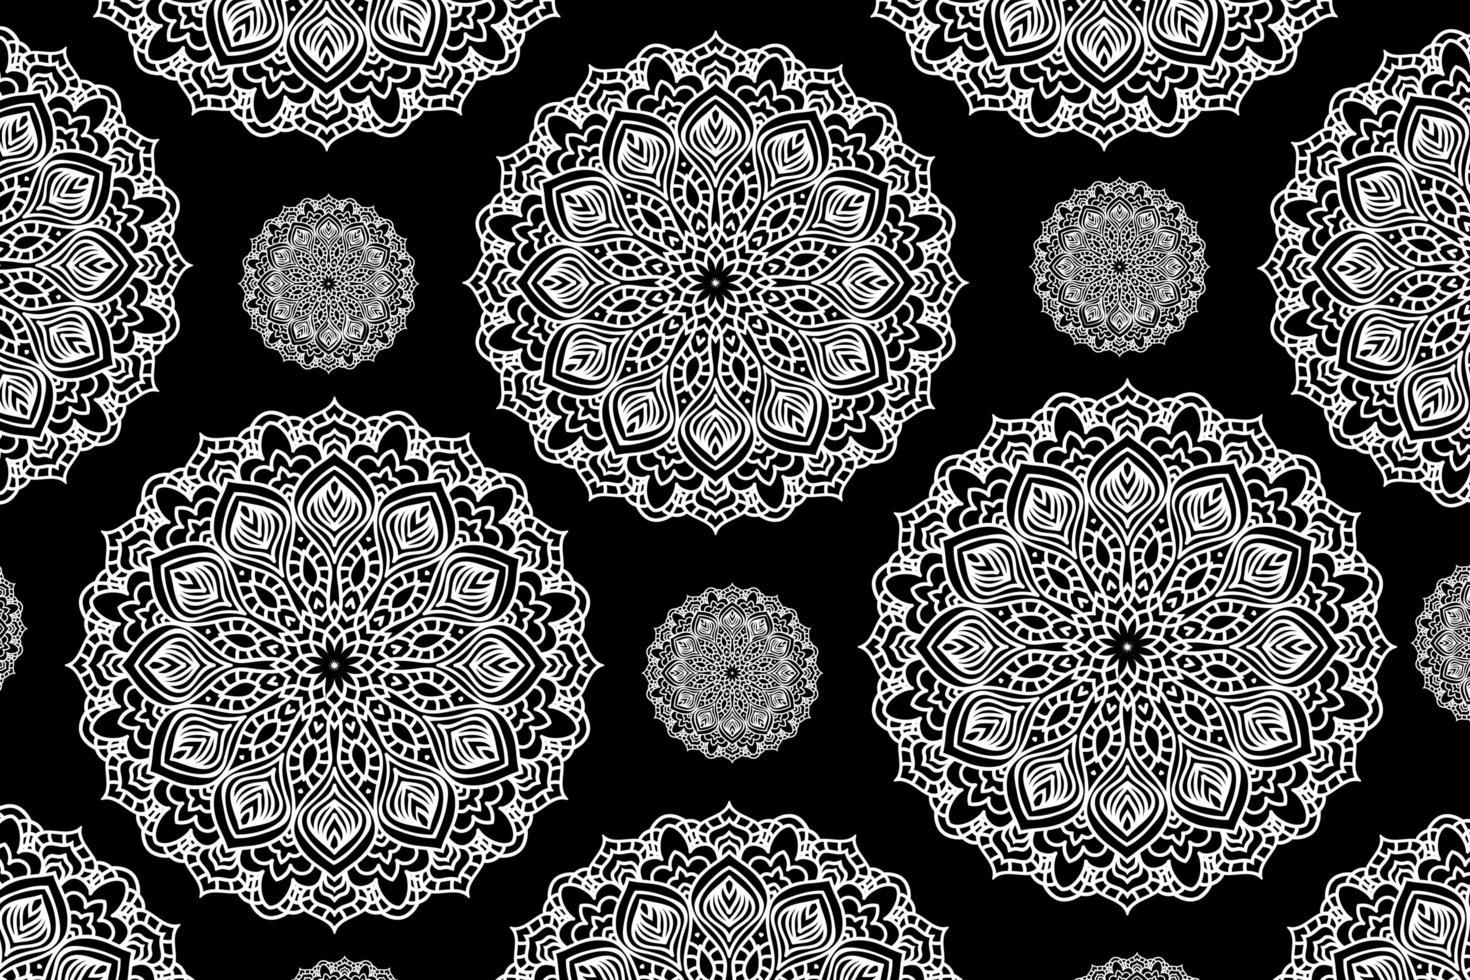 sfondo mandala circolare. ornamento decorativo in stile etnico orientale. pagina del libro da colorare. vettore